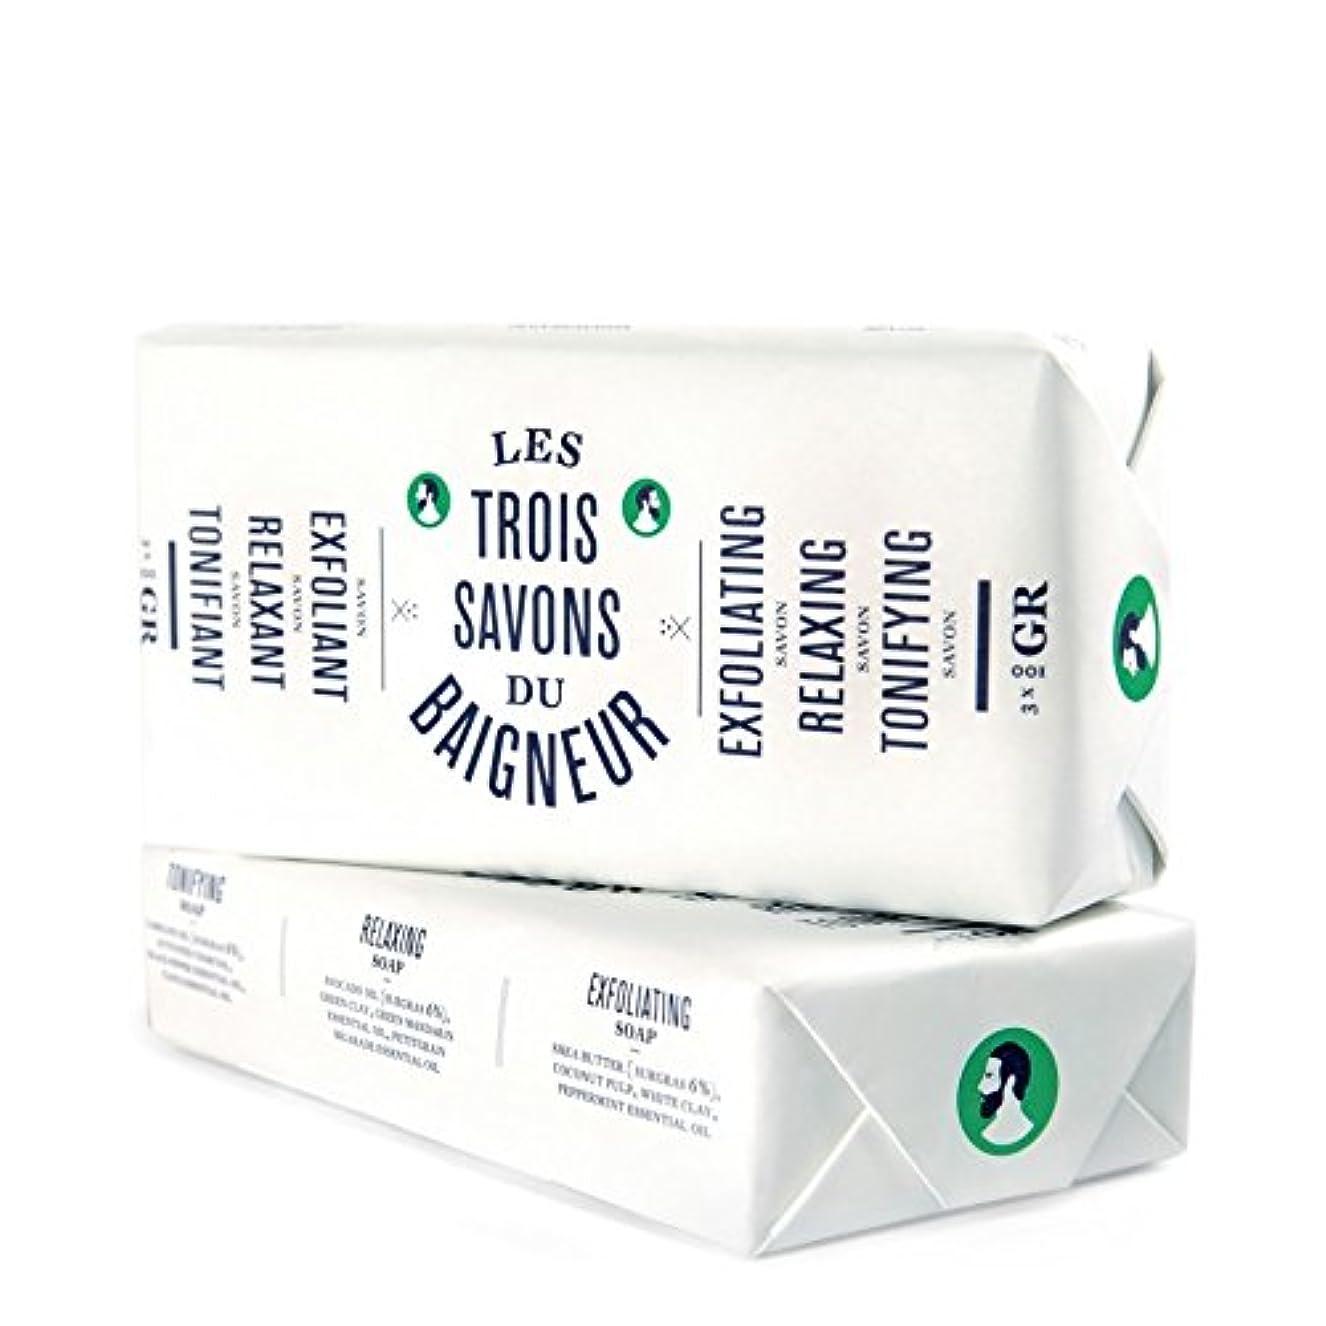 ル石鹸セット300グラム x4 - Le Baigneur Soap Set 300g (Pack of 4) [並行輸入品]